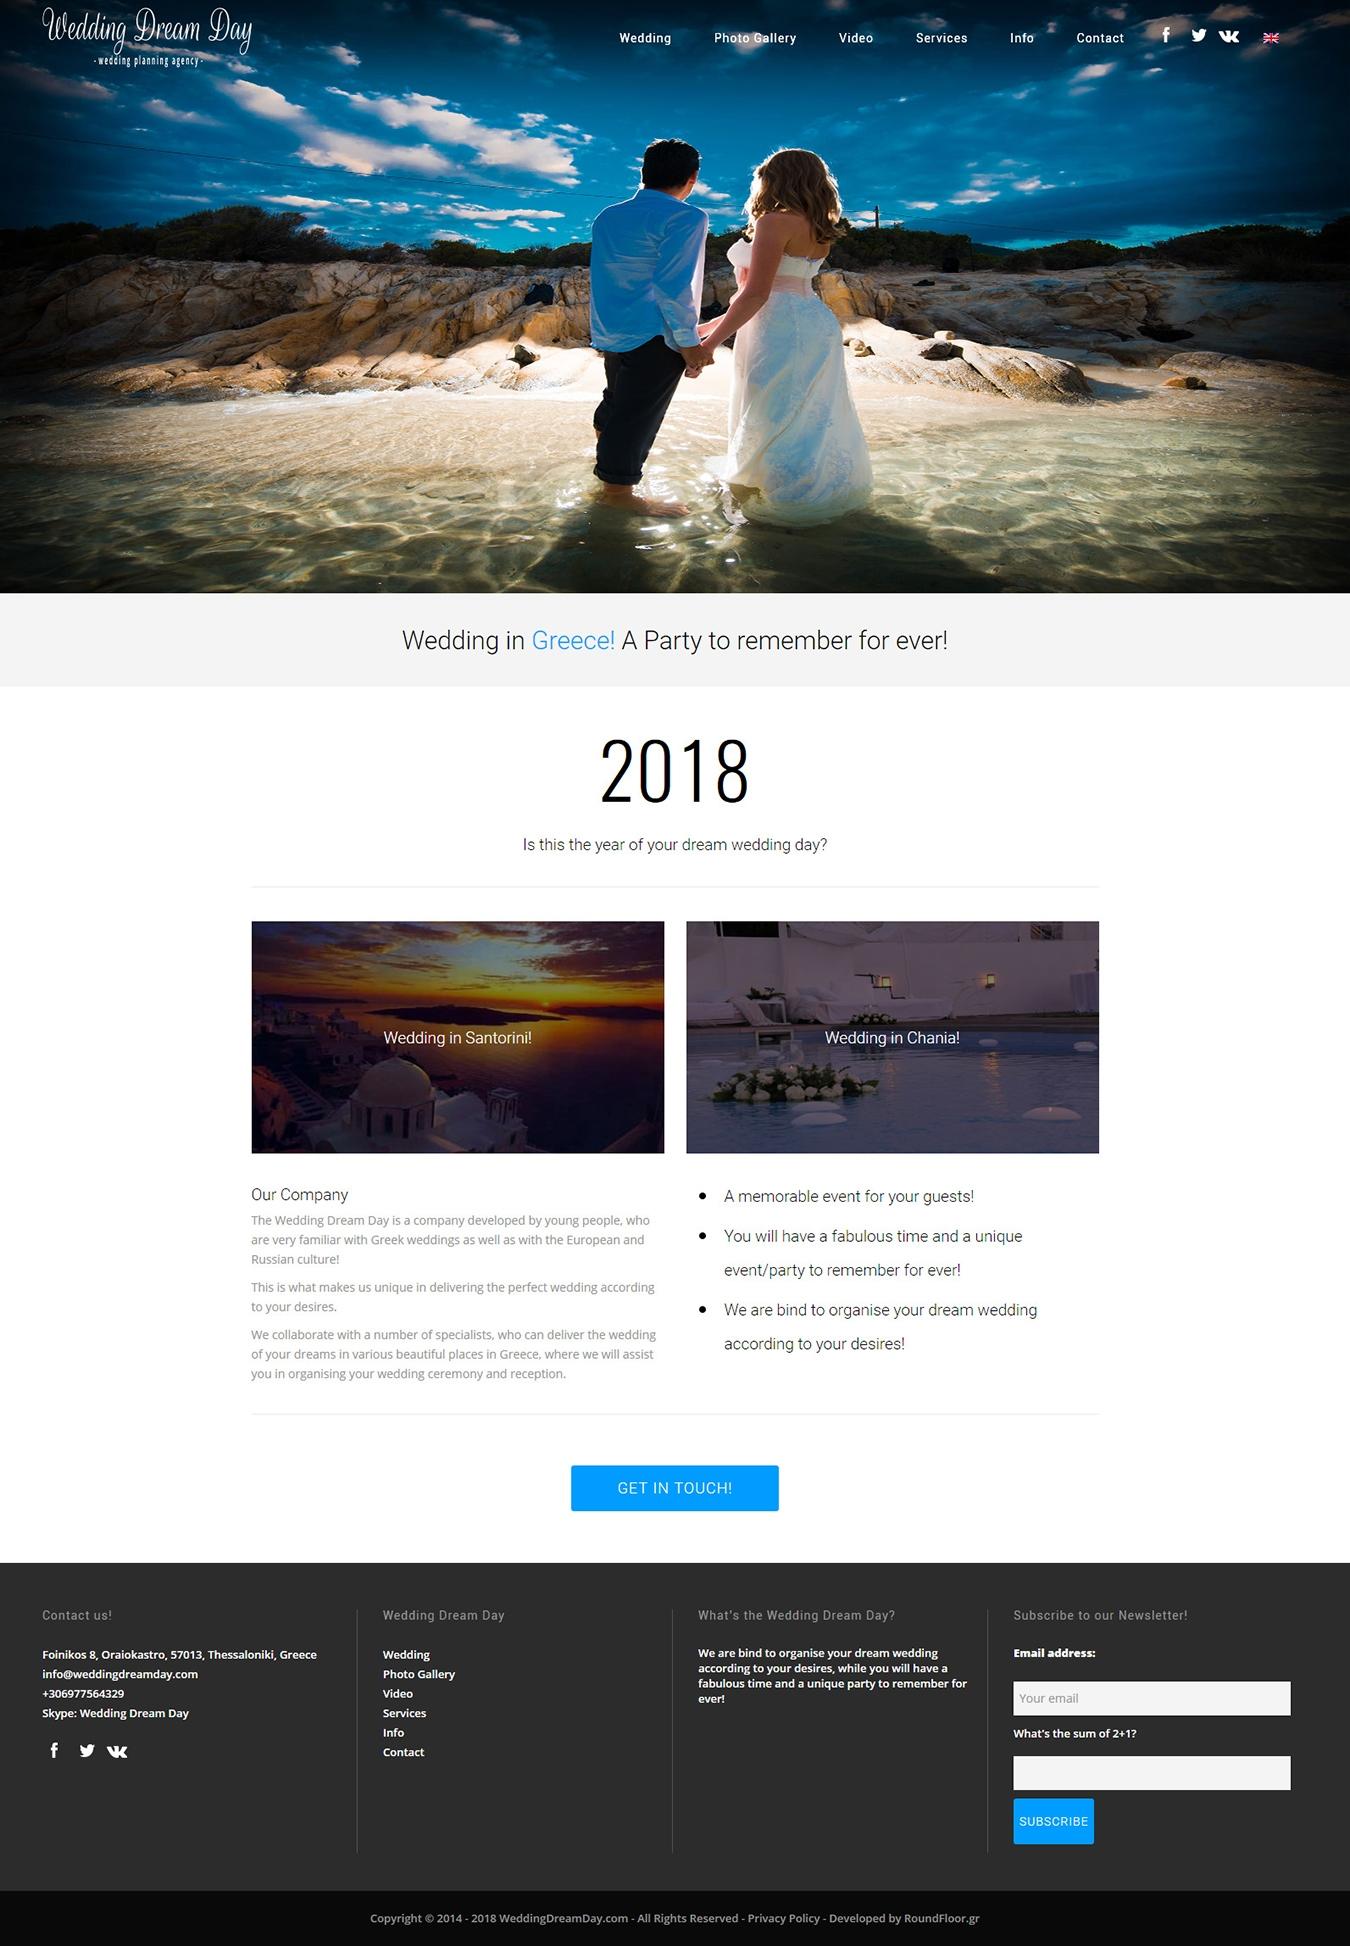 Κατασκευή ιστοσελίδας εταιρείας διοργάνωσης γάμων για το Wedding Dream Day